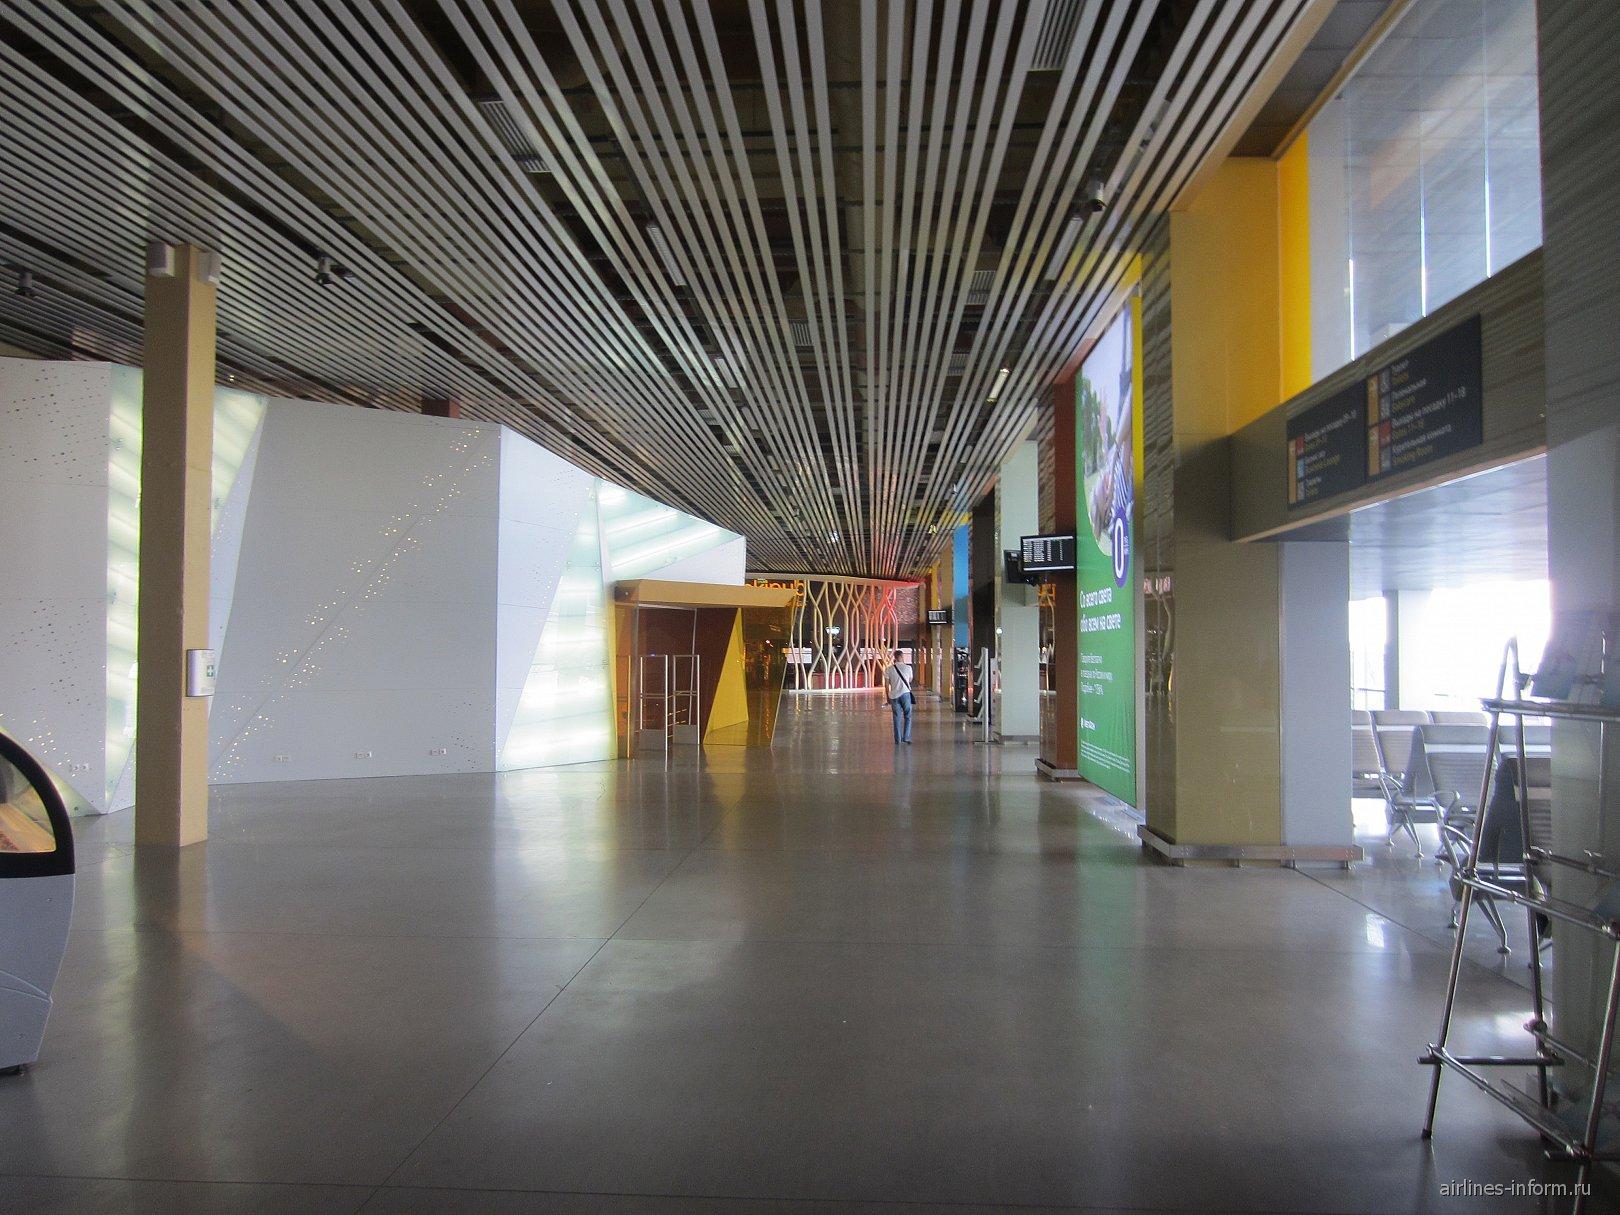 Залы ожидания в аэропорту Екатеринбург Кольцово